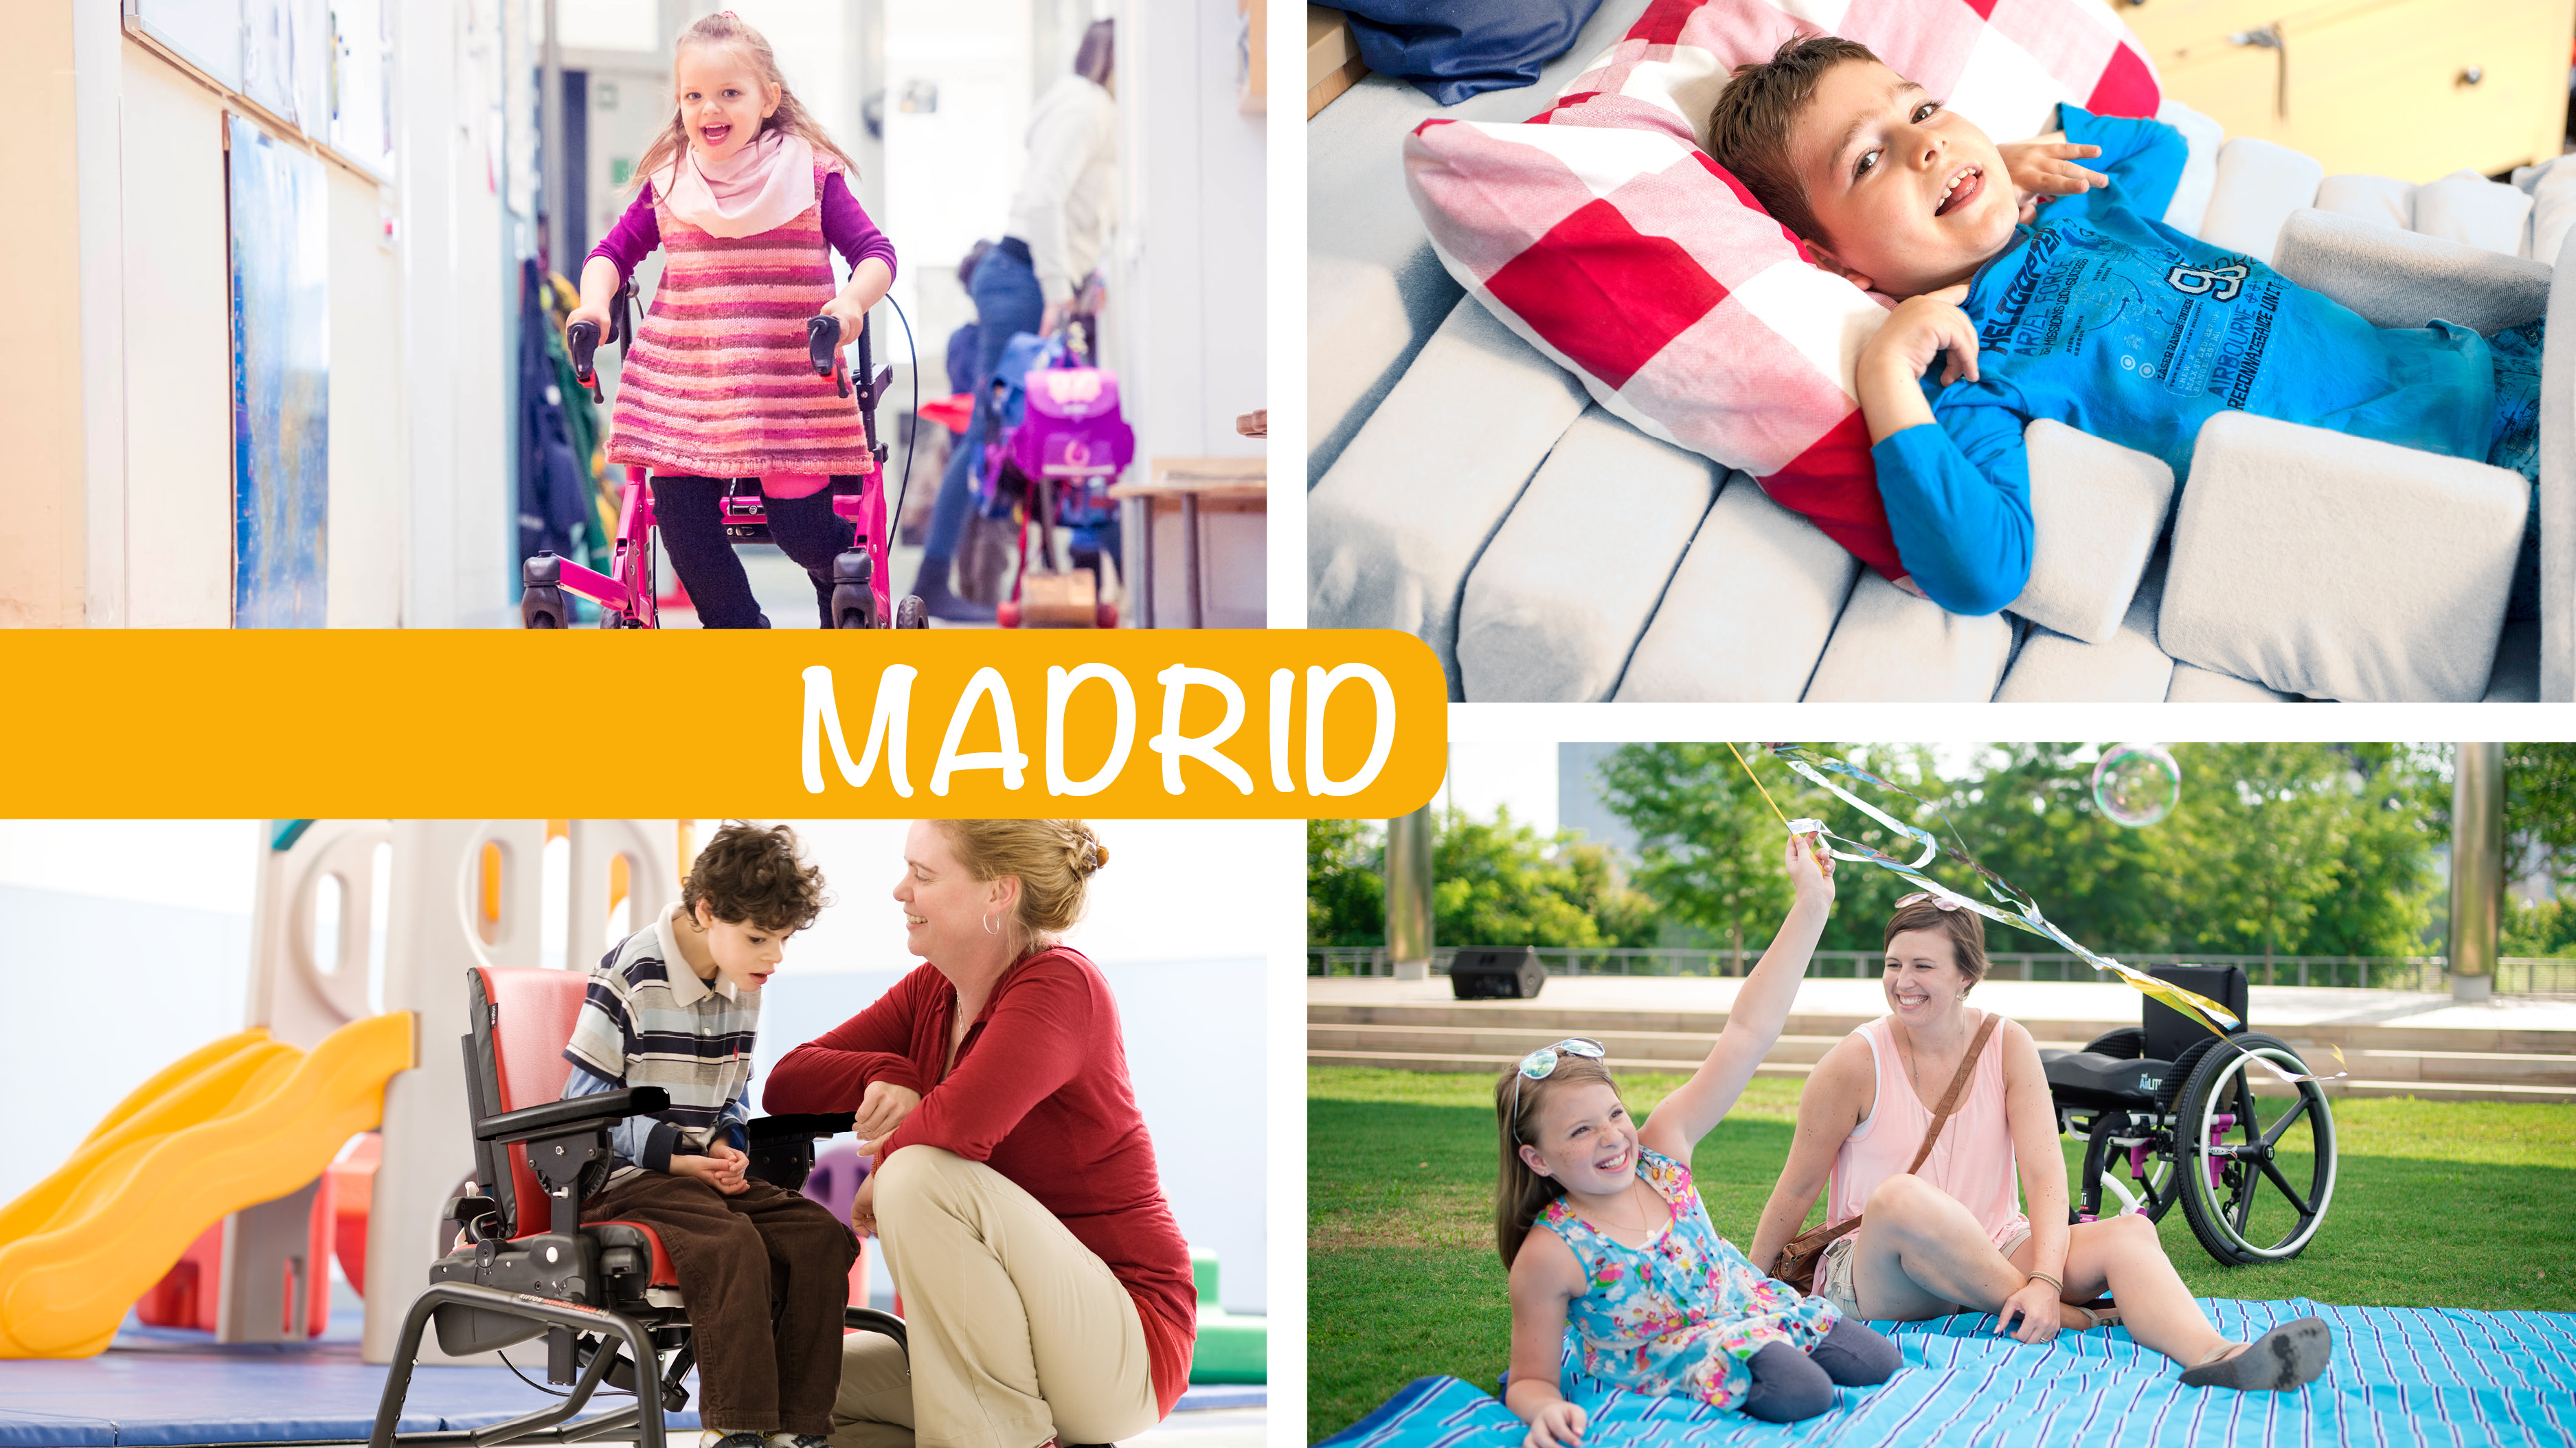 Madrid también acogerá el Rehacademia Family 24 horas